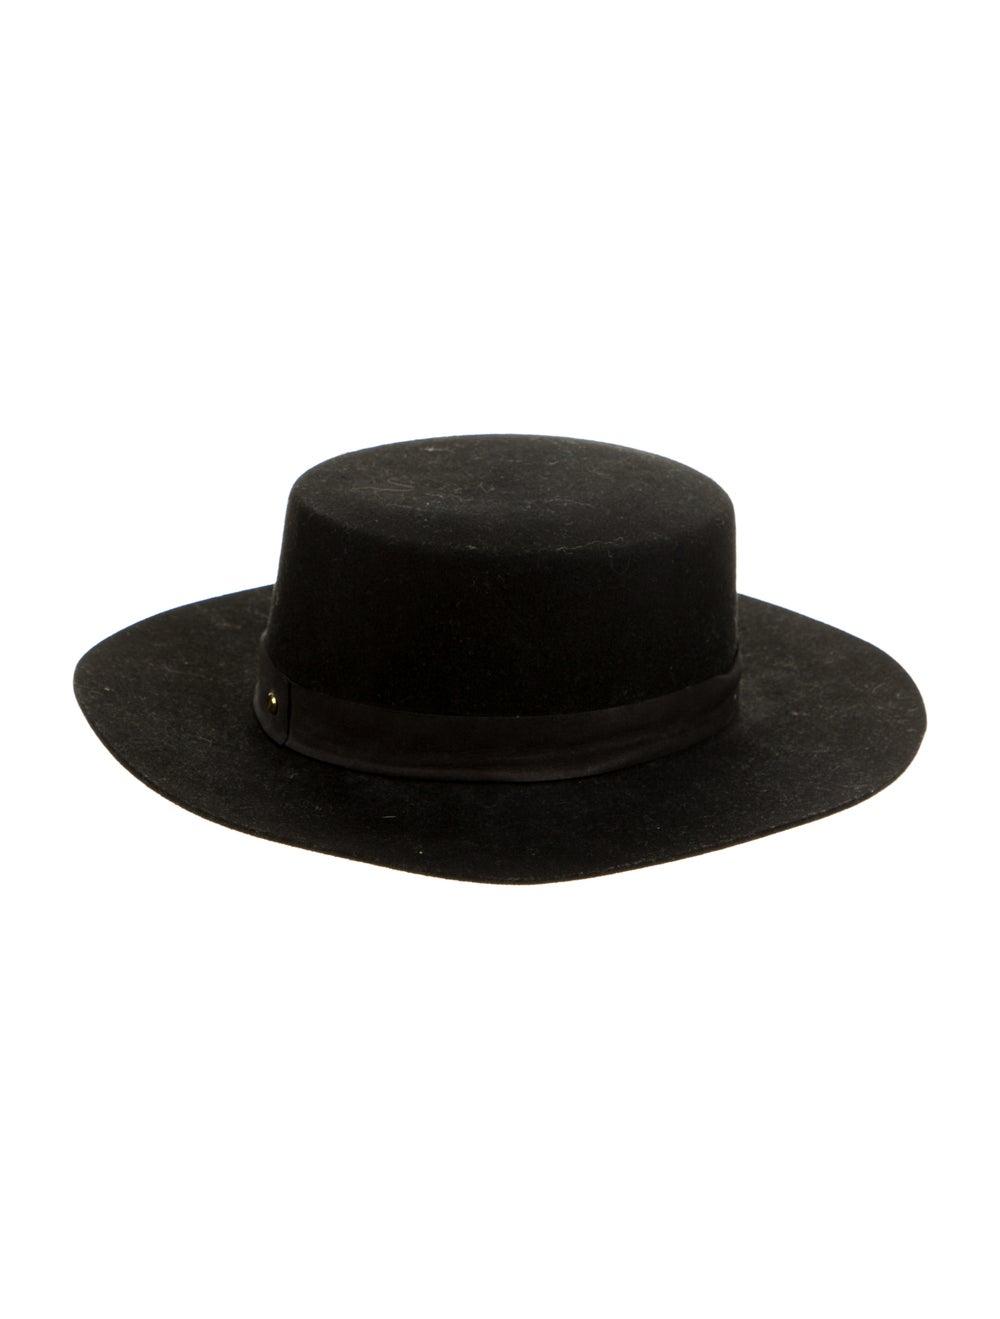 Janessa Leone Wool Wide-Brim Hat Black - image 2